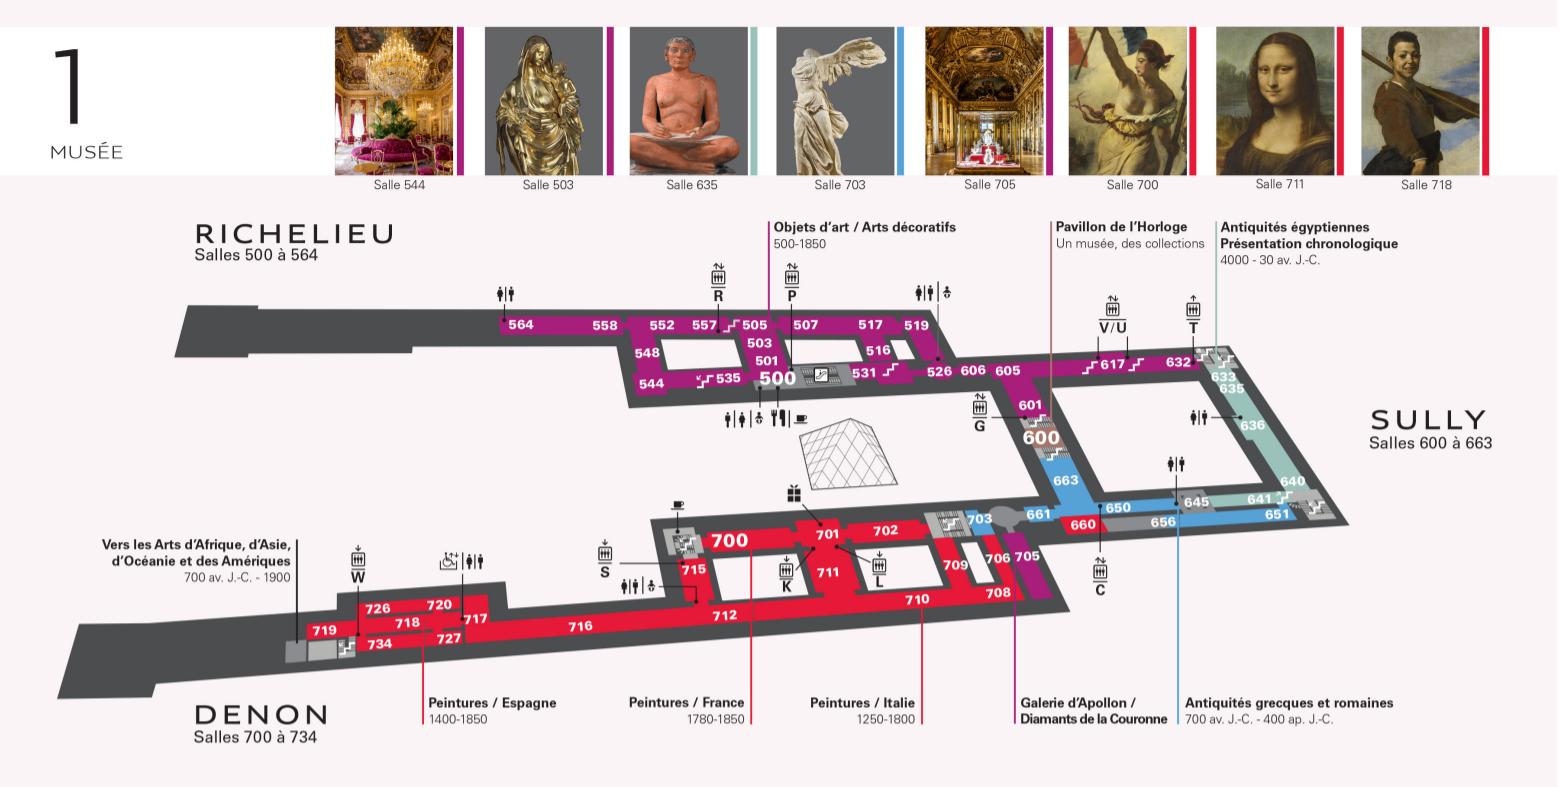 Plan du Musée du Louvre étage 1